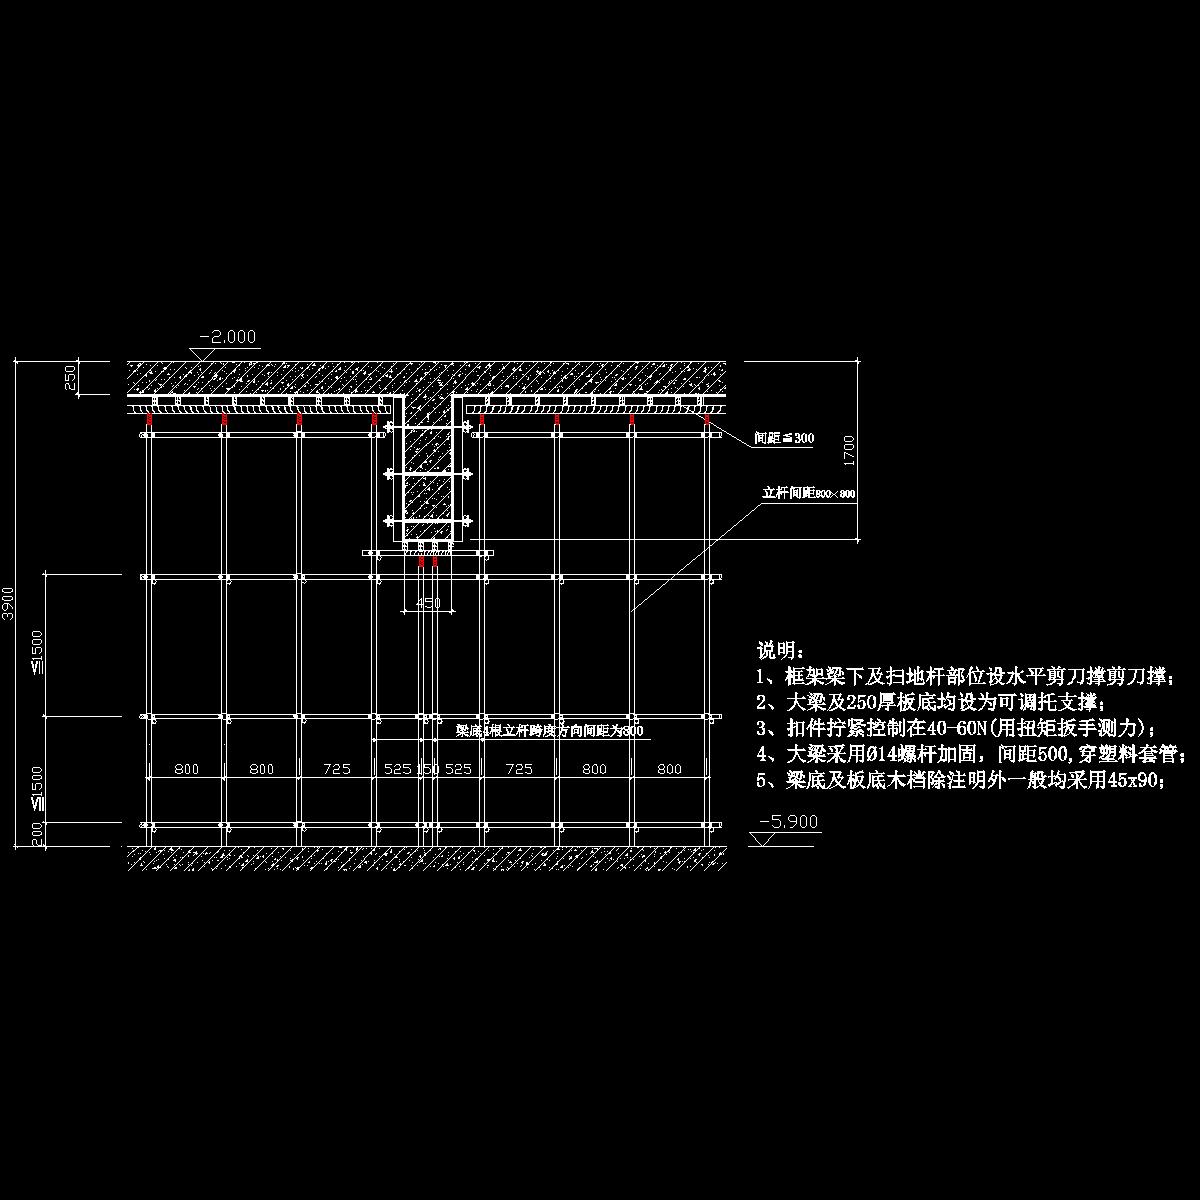 450x1700梁及250板高大模板支撑体系图.dwg